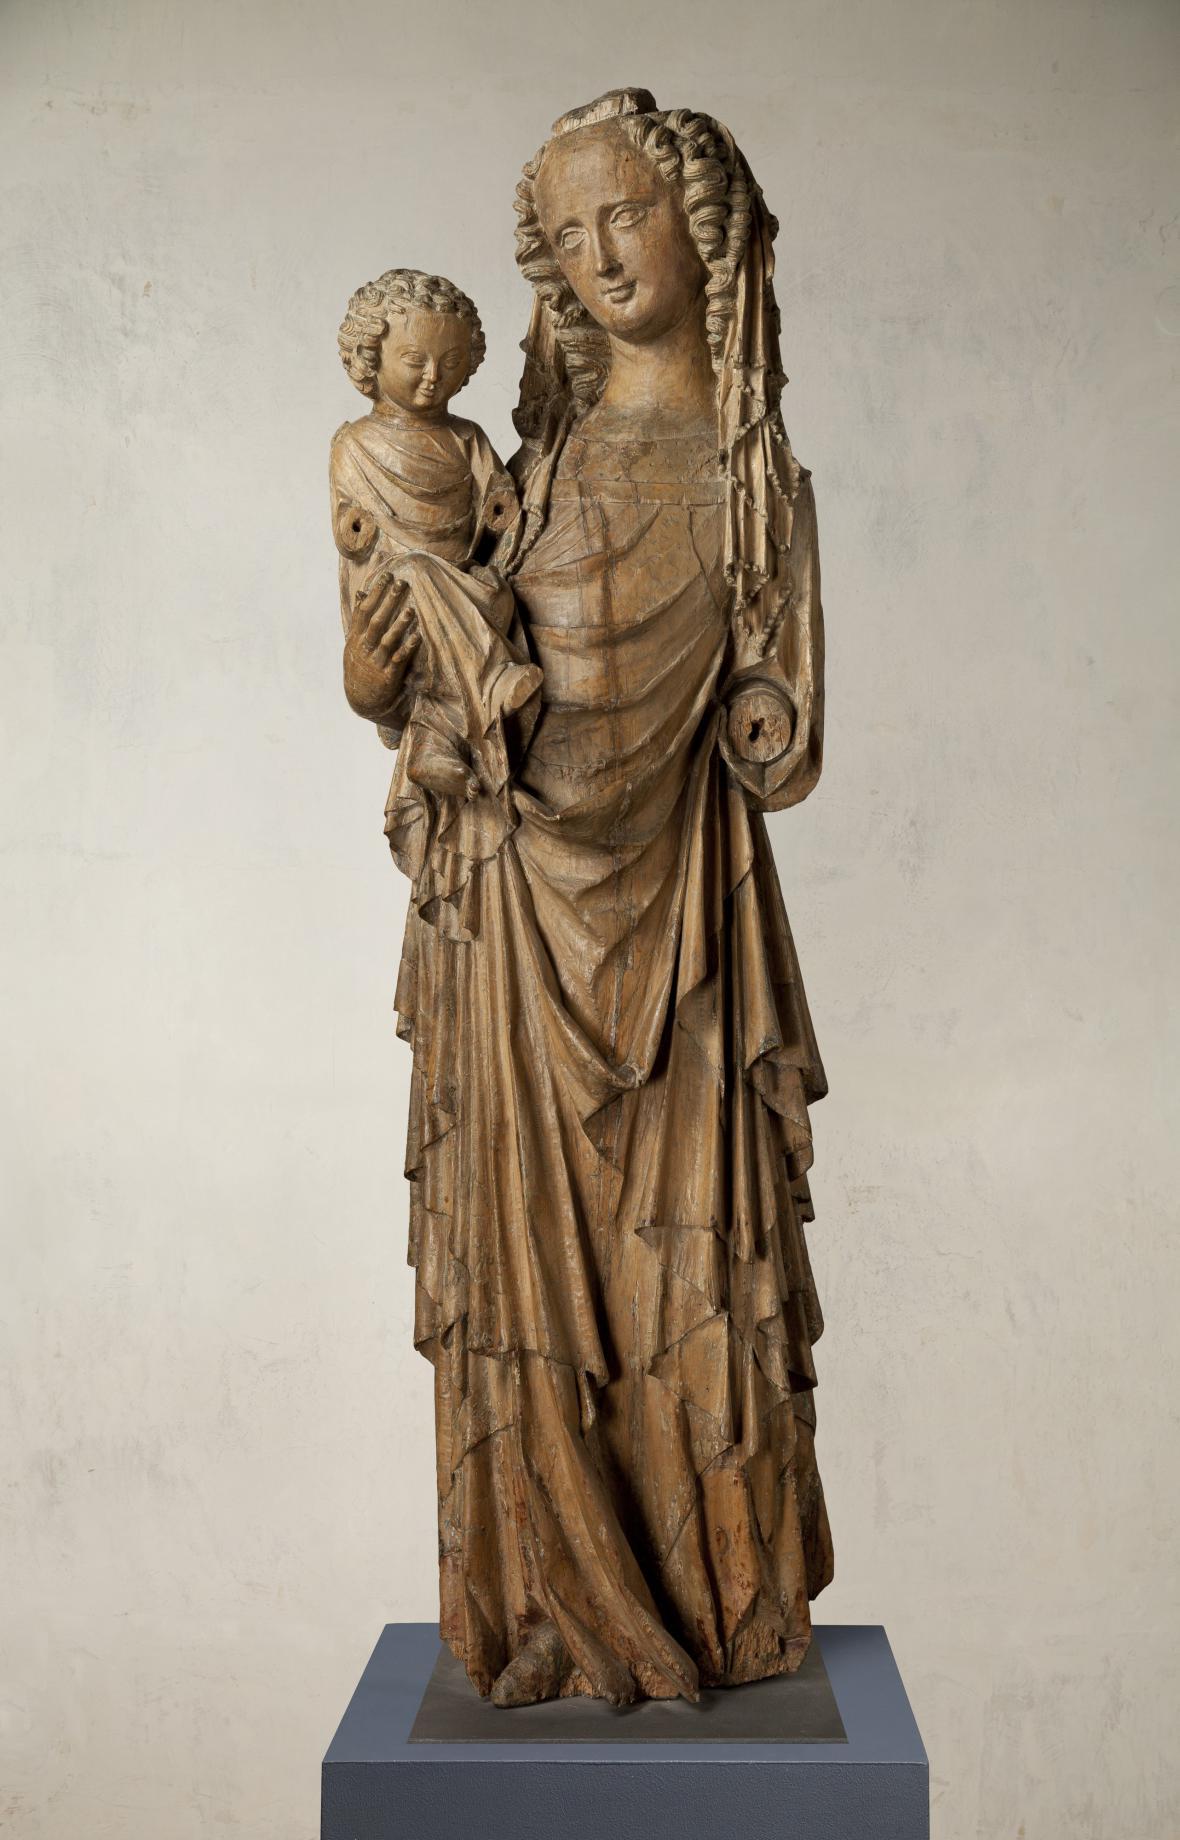 Michelská madona, Praha (?), Mistr Michelské madony, kolem 1330